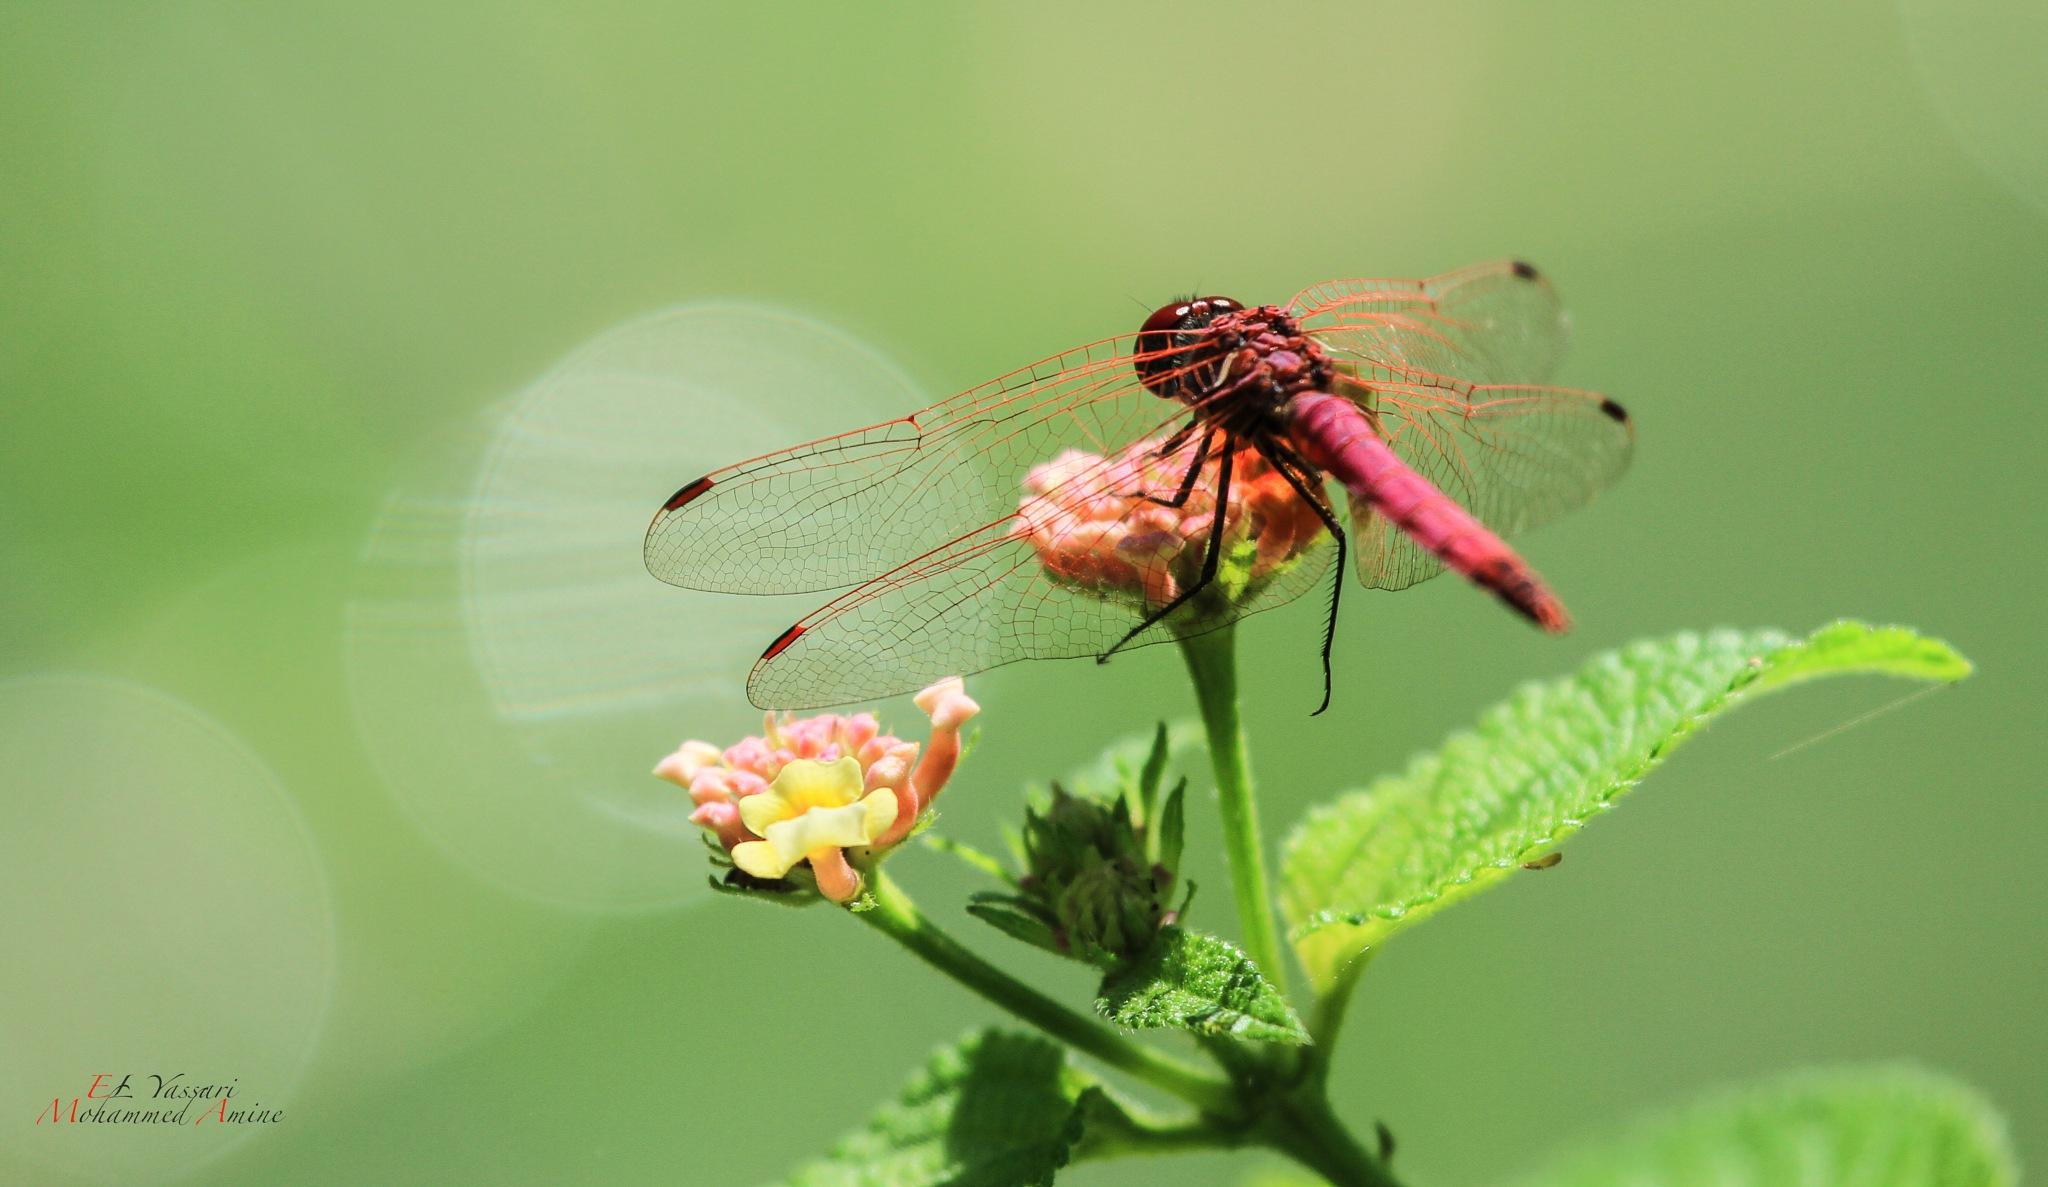 Dragonfly by elyassari